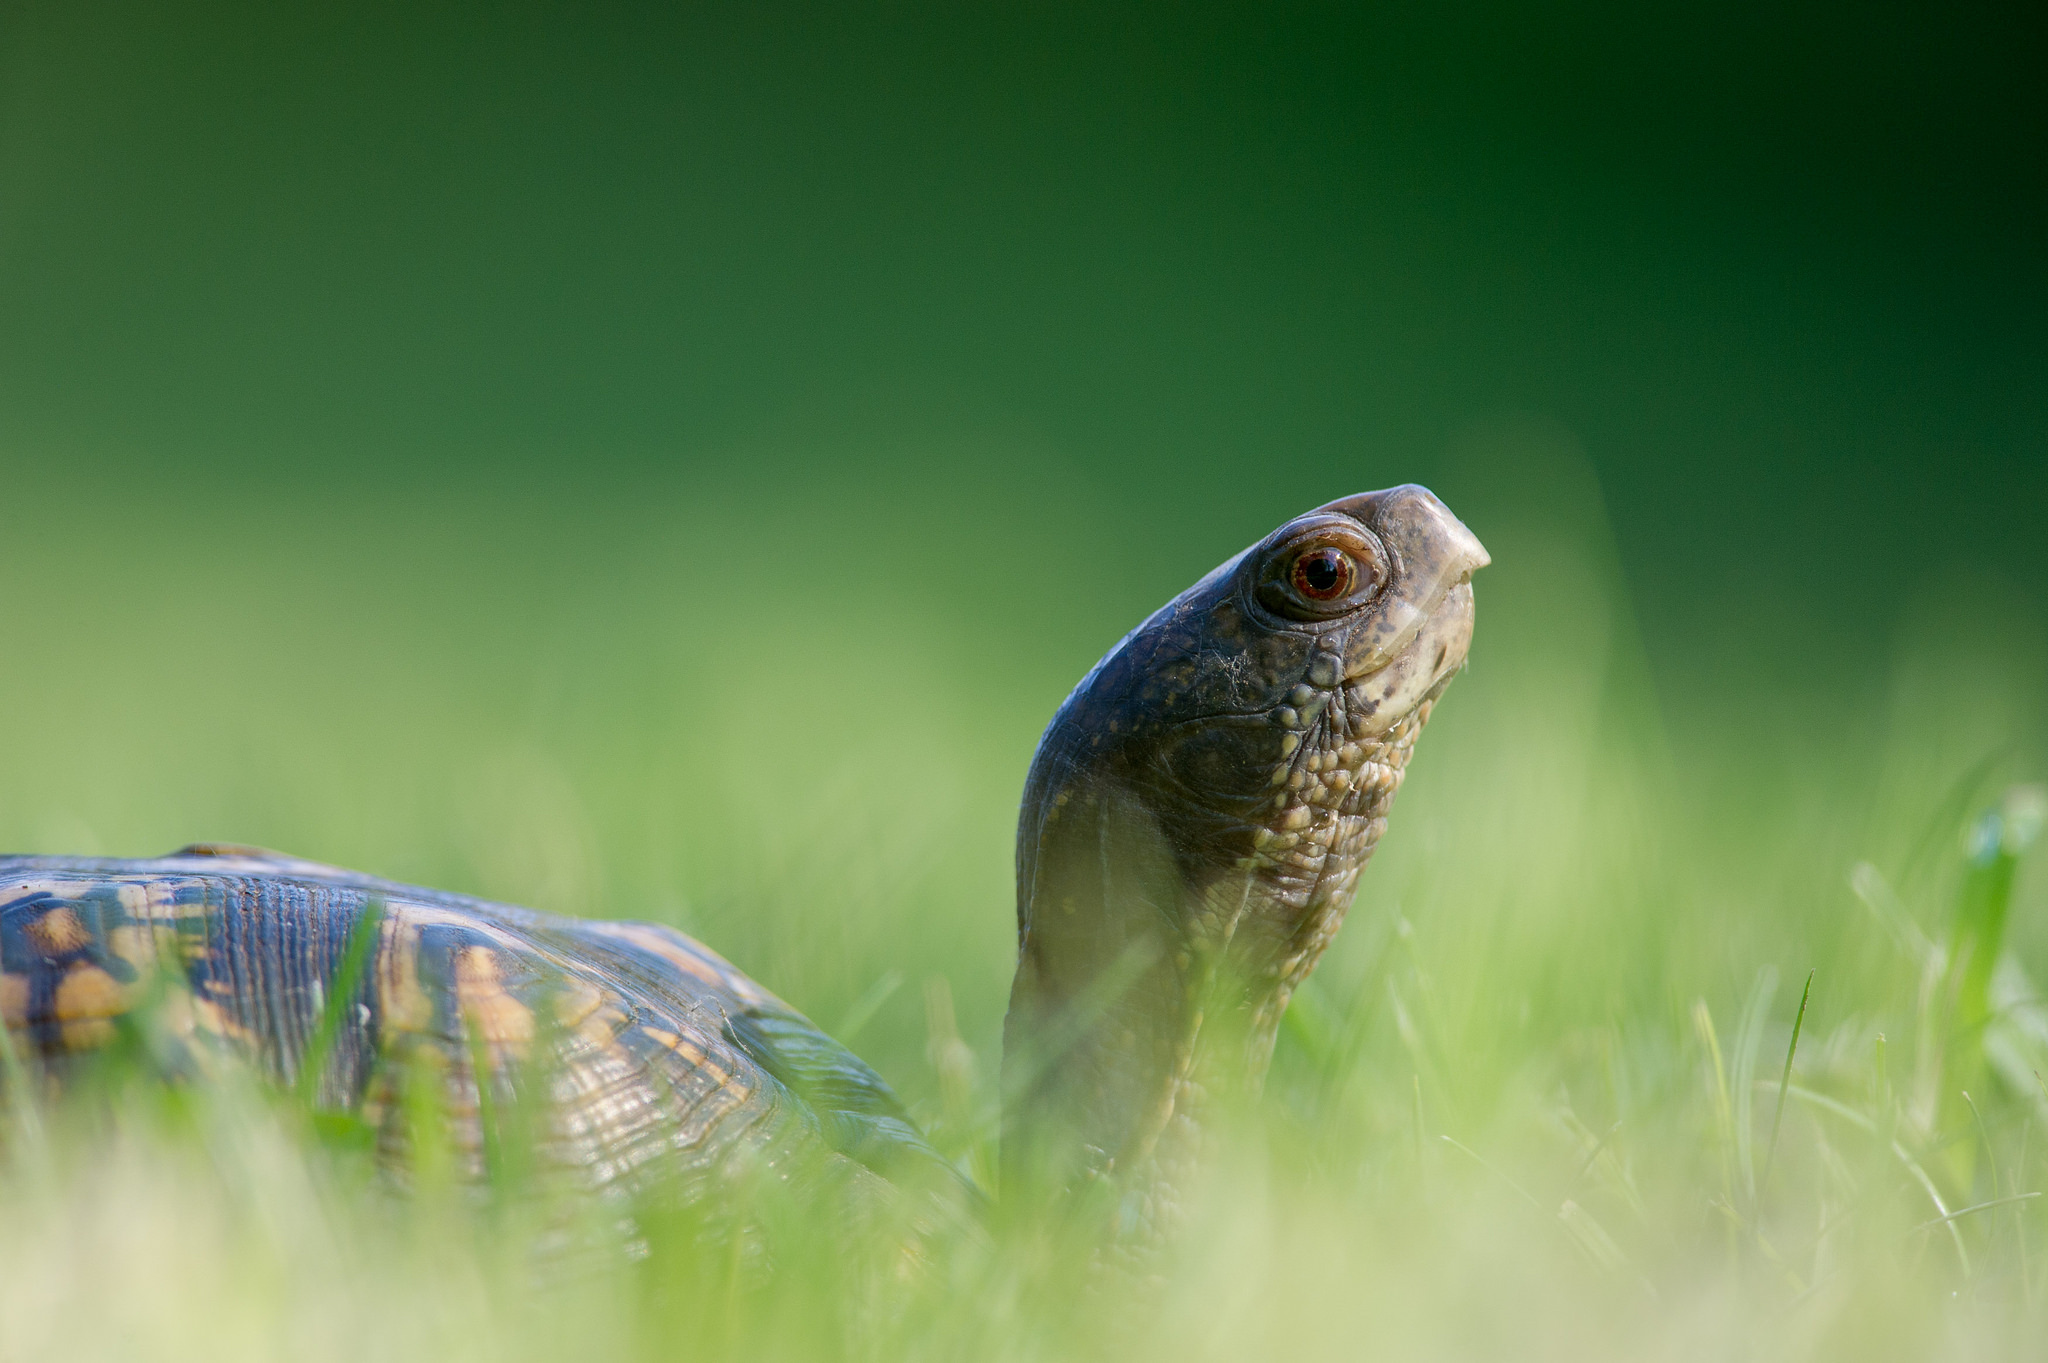 Tortuga en el jardín - 2048x1363